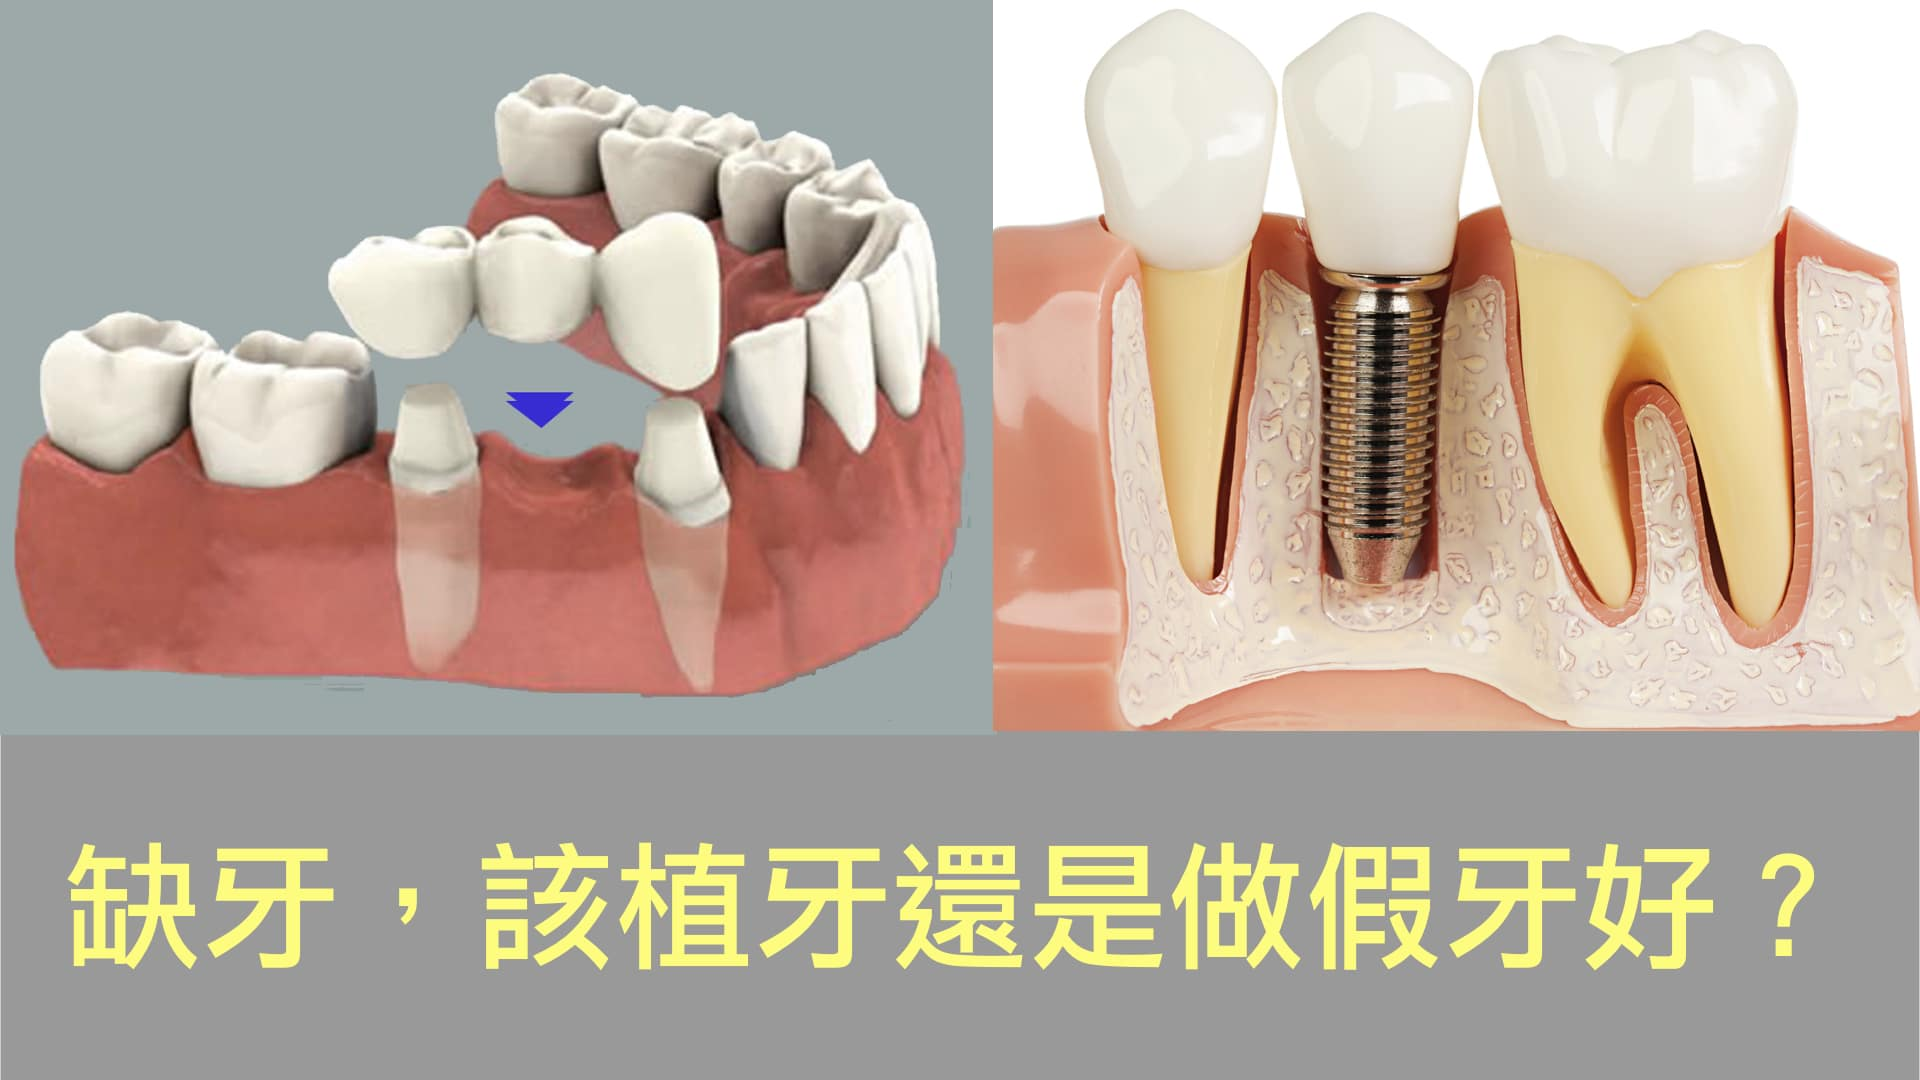 植牙或假牙